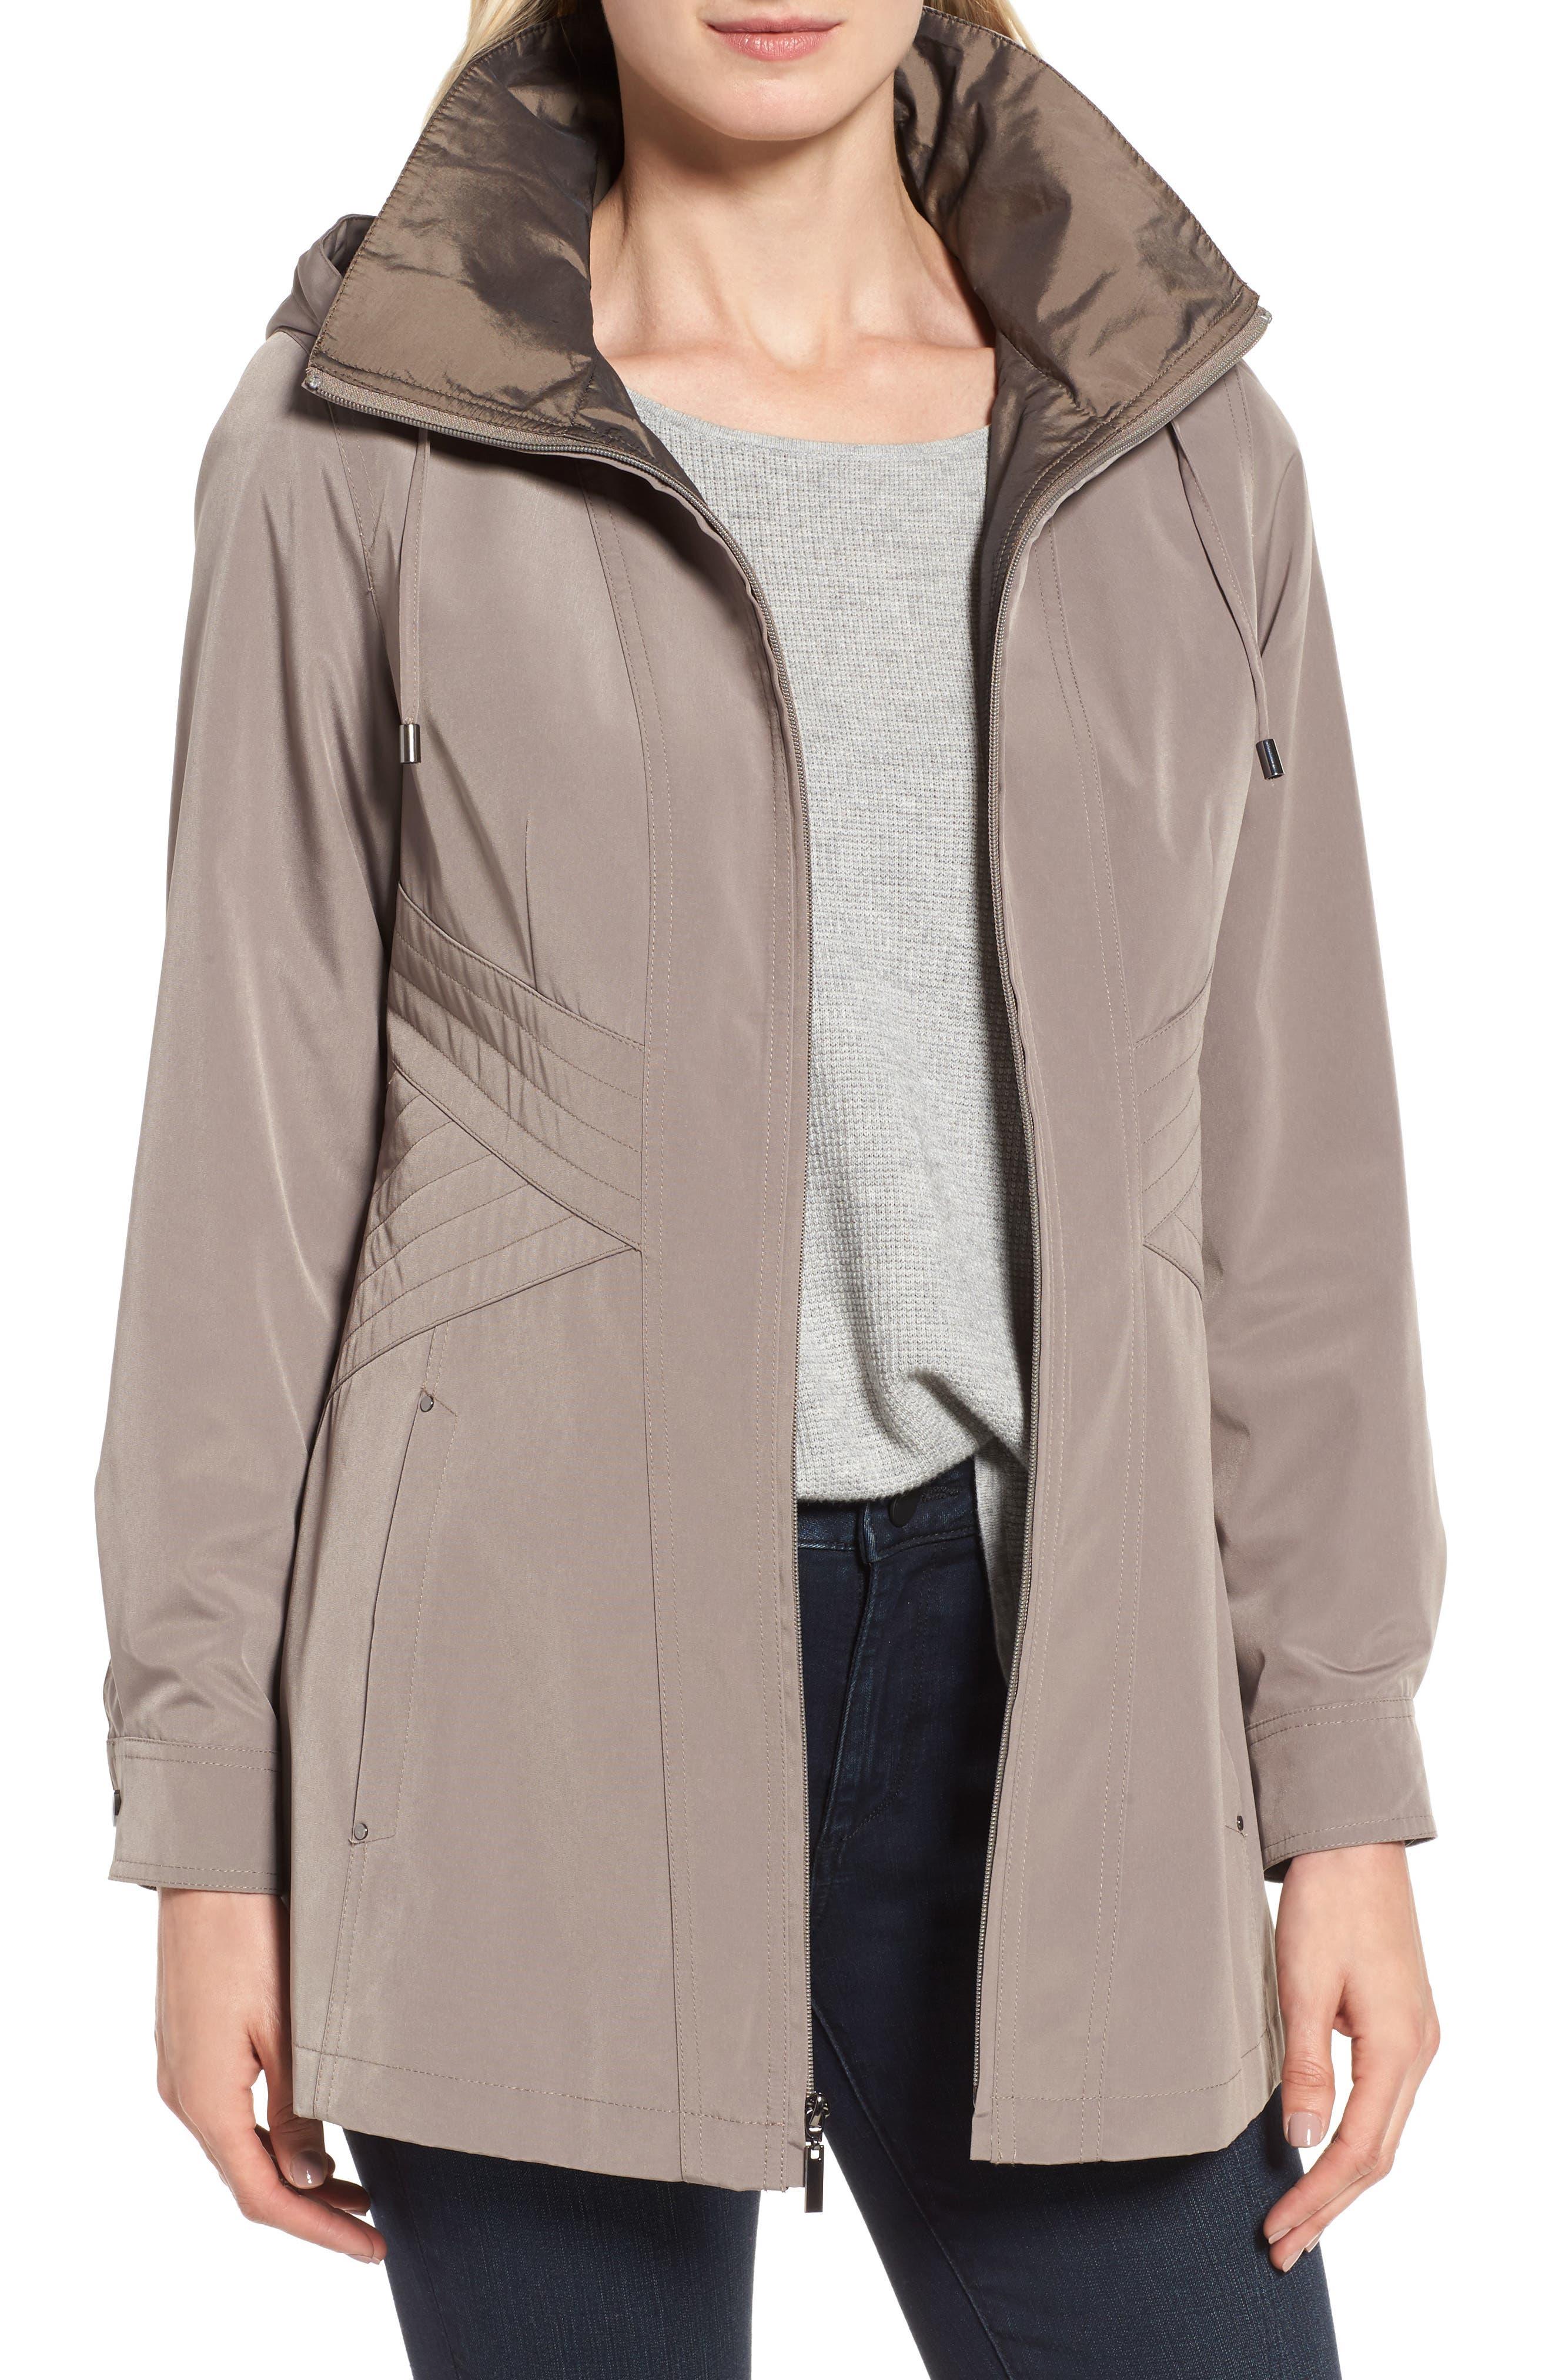 Alternate Image 1 Selected - Gallery Two-Tone Long Silk Look Raincoat (Regular & Petite)